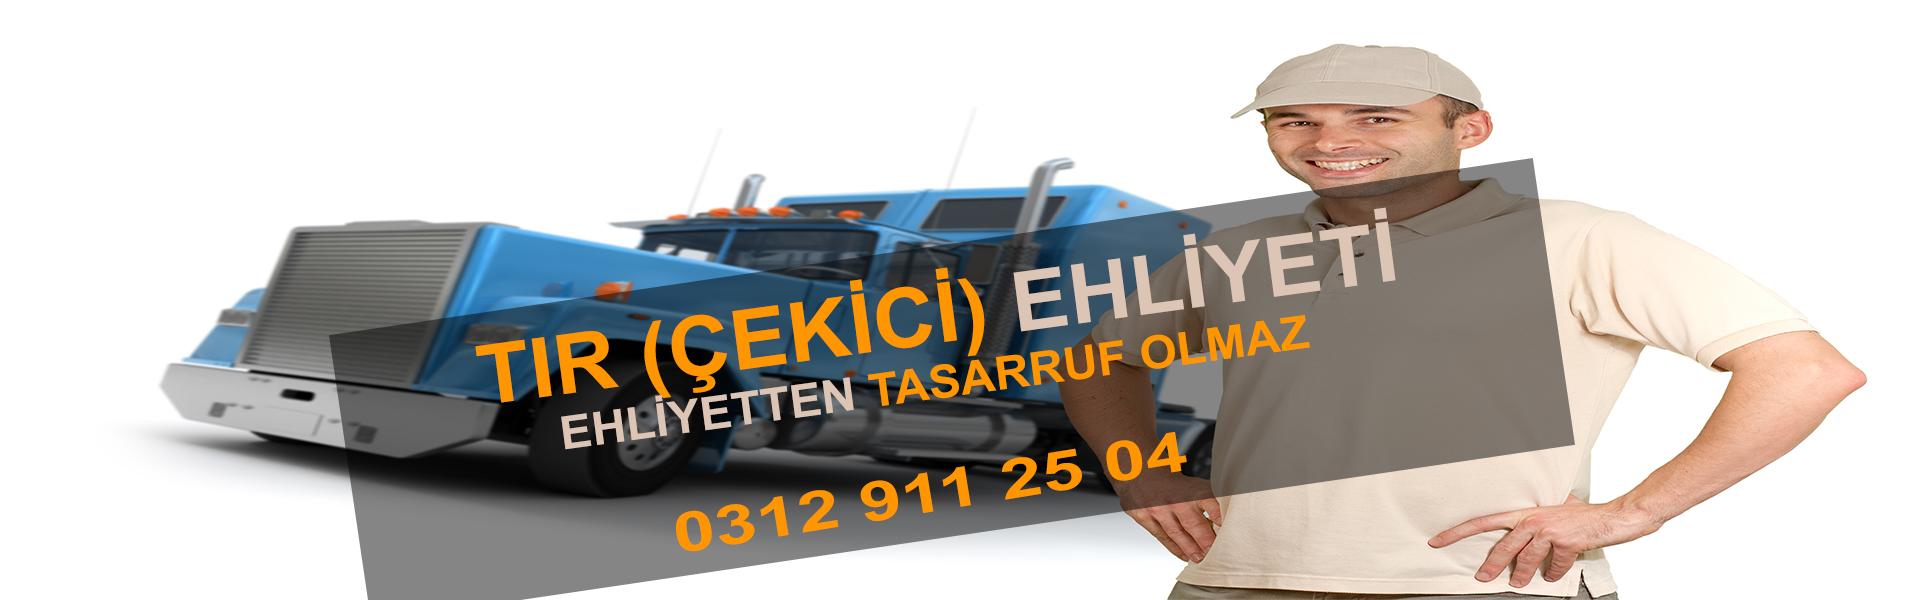 Ankara Keçiören Tır Ehliyeti, Keçiören çekici Ehliyeti, Sürücü Kursu Fiyatları